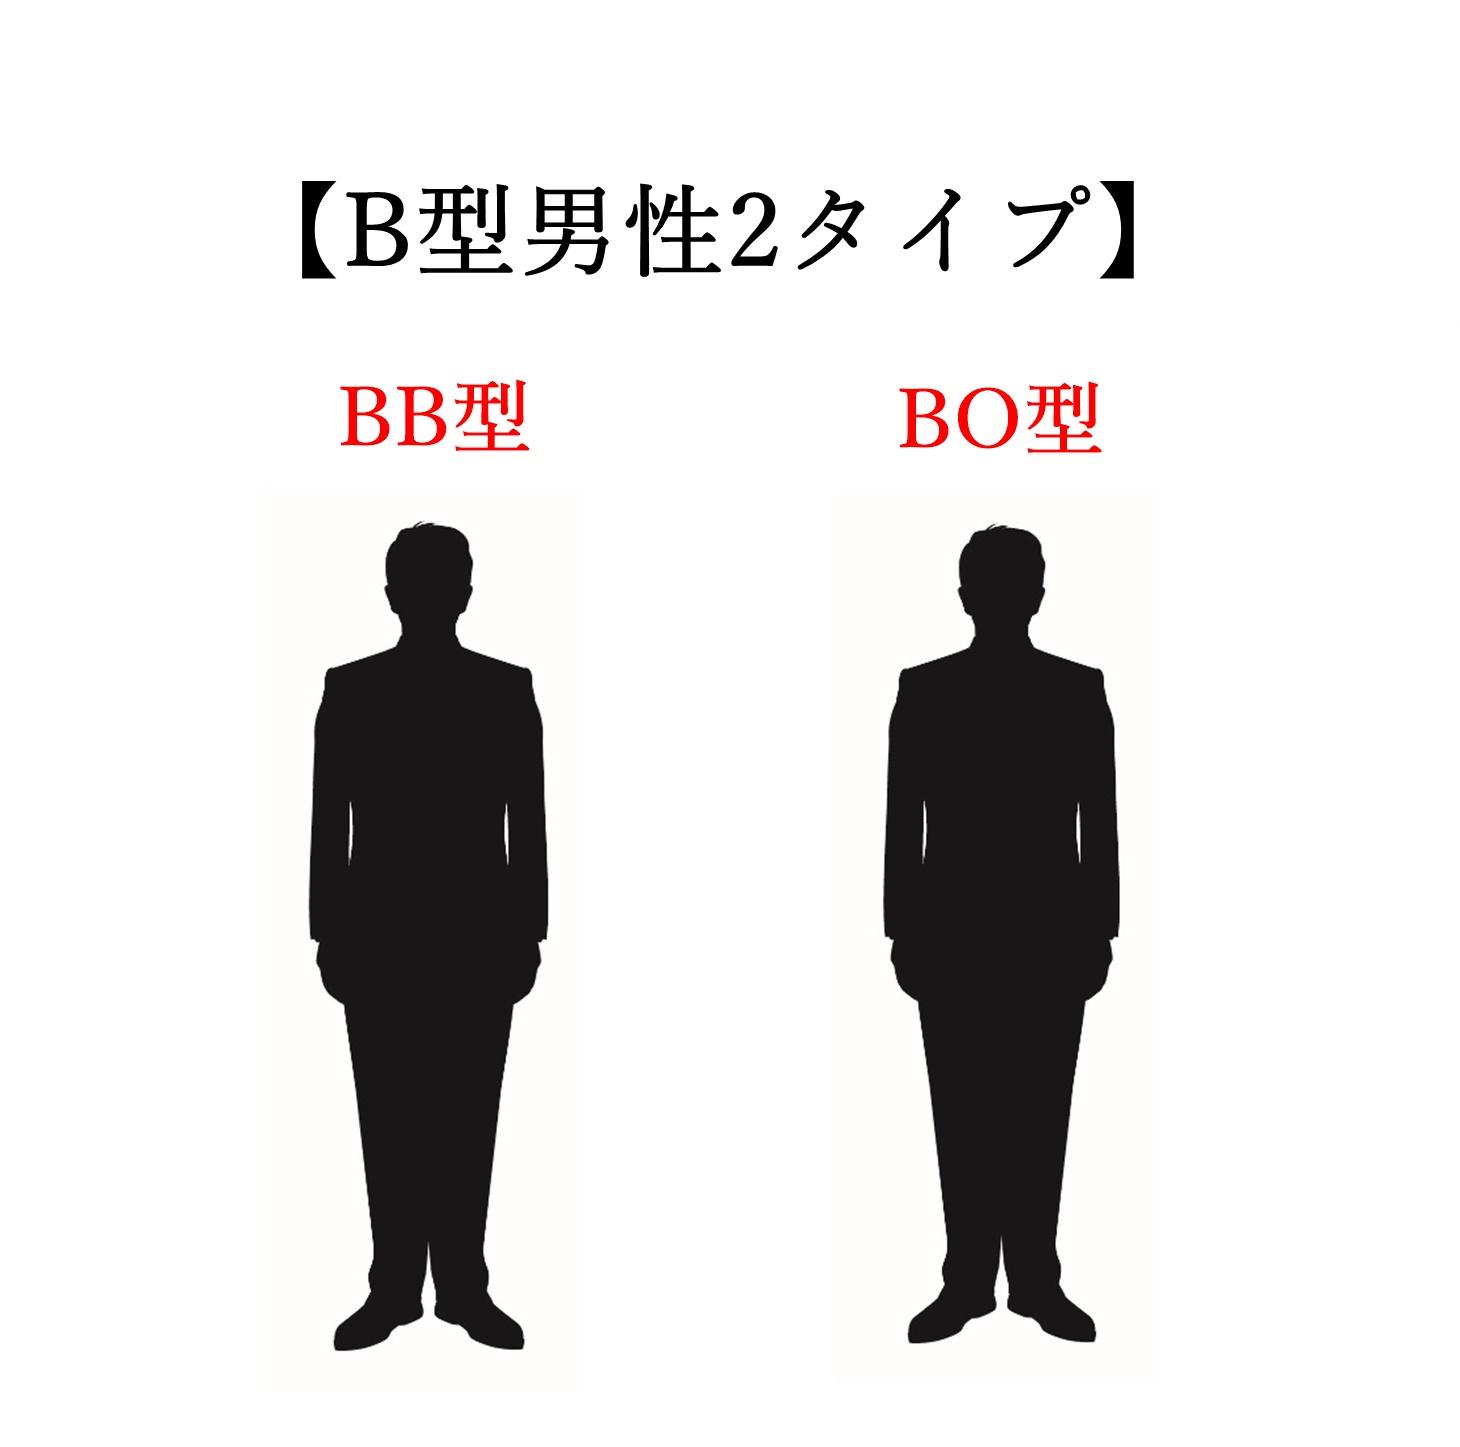 男性 の 特徴 b 型